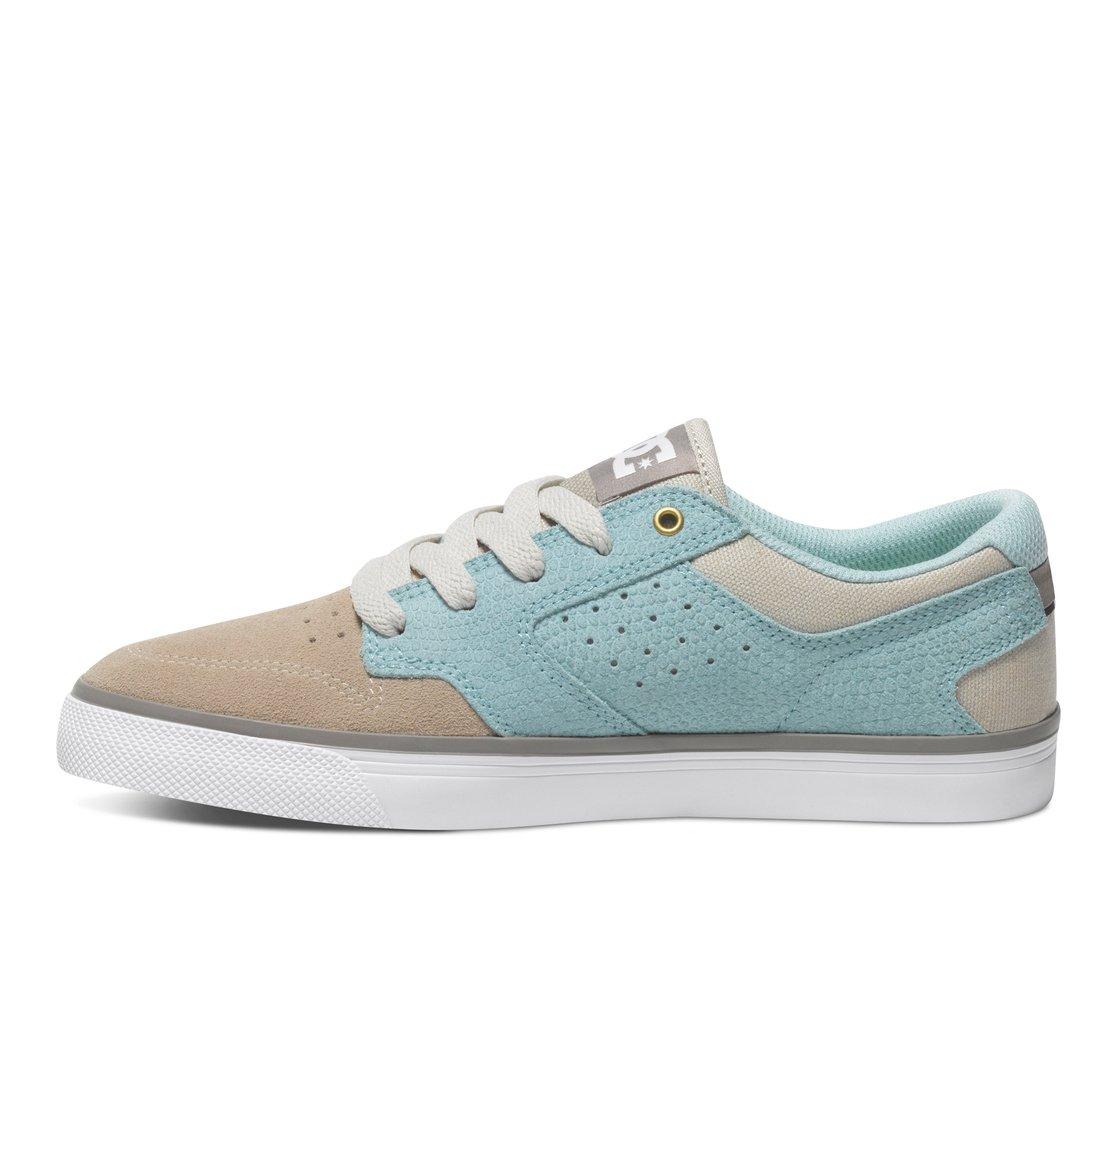 Dc Shoes Argosy Zapatillas